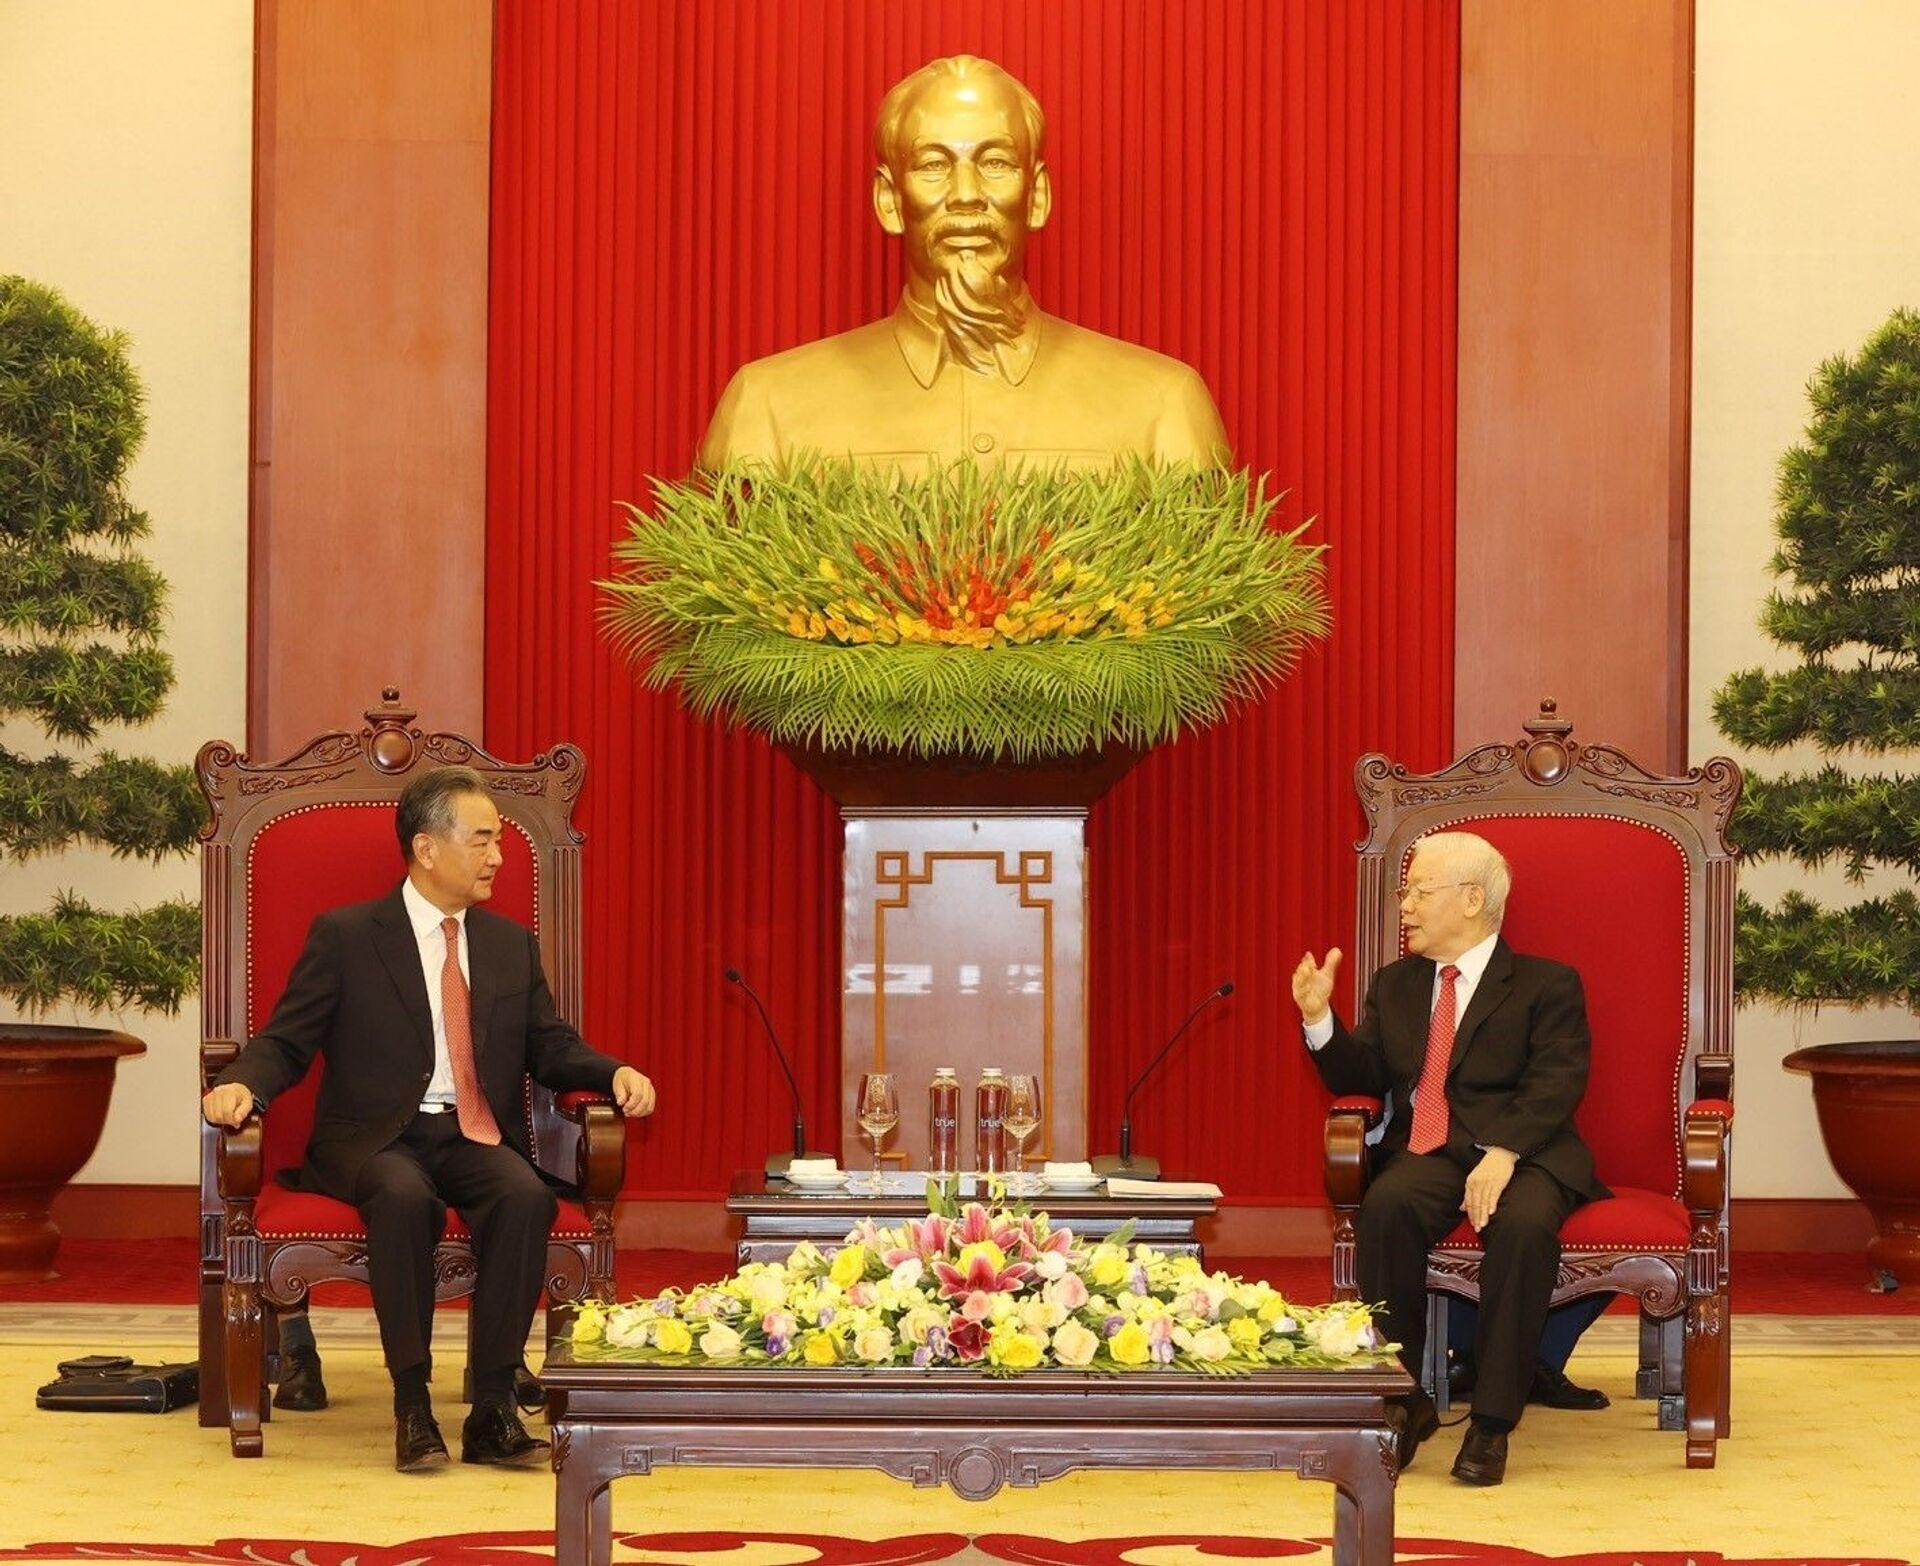 Tổng Bí thư Nguyễn Phú Trọng tiếp Bộ trưởng Ngoại giao Trung Quốc Vương Nghị - Sputnik Việt Nam, 1920, 05.10.2021